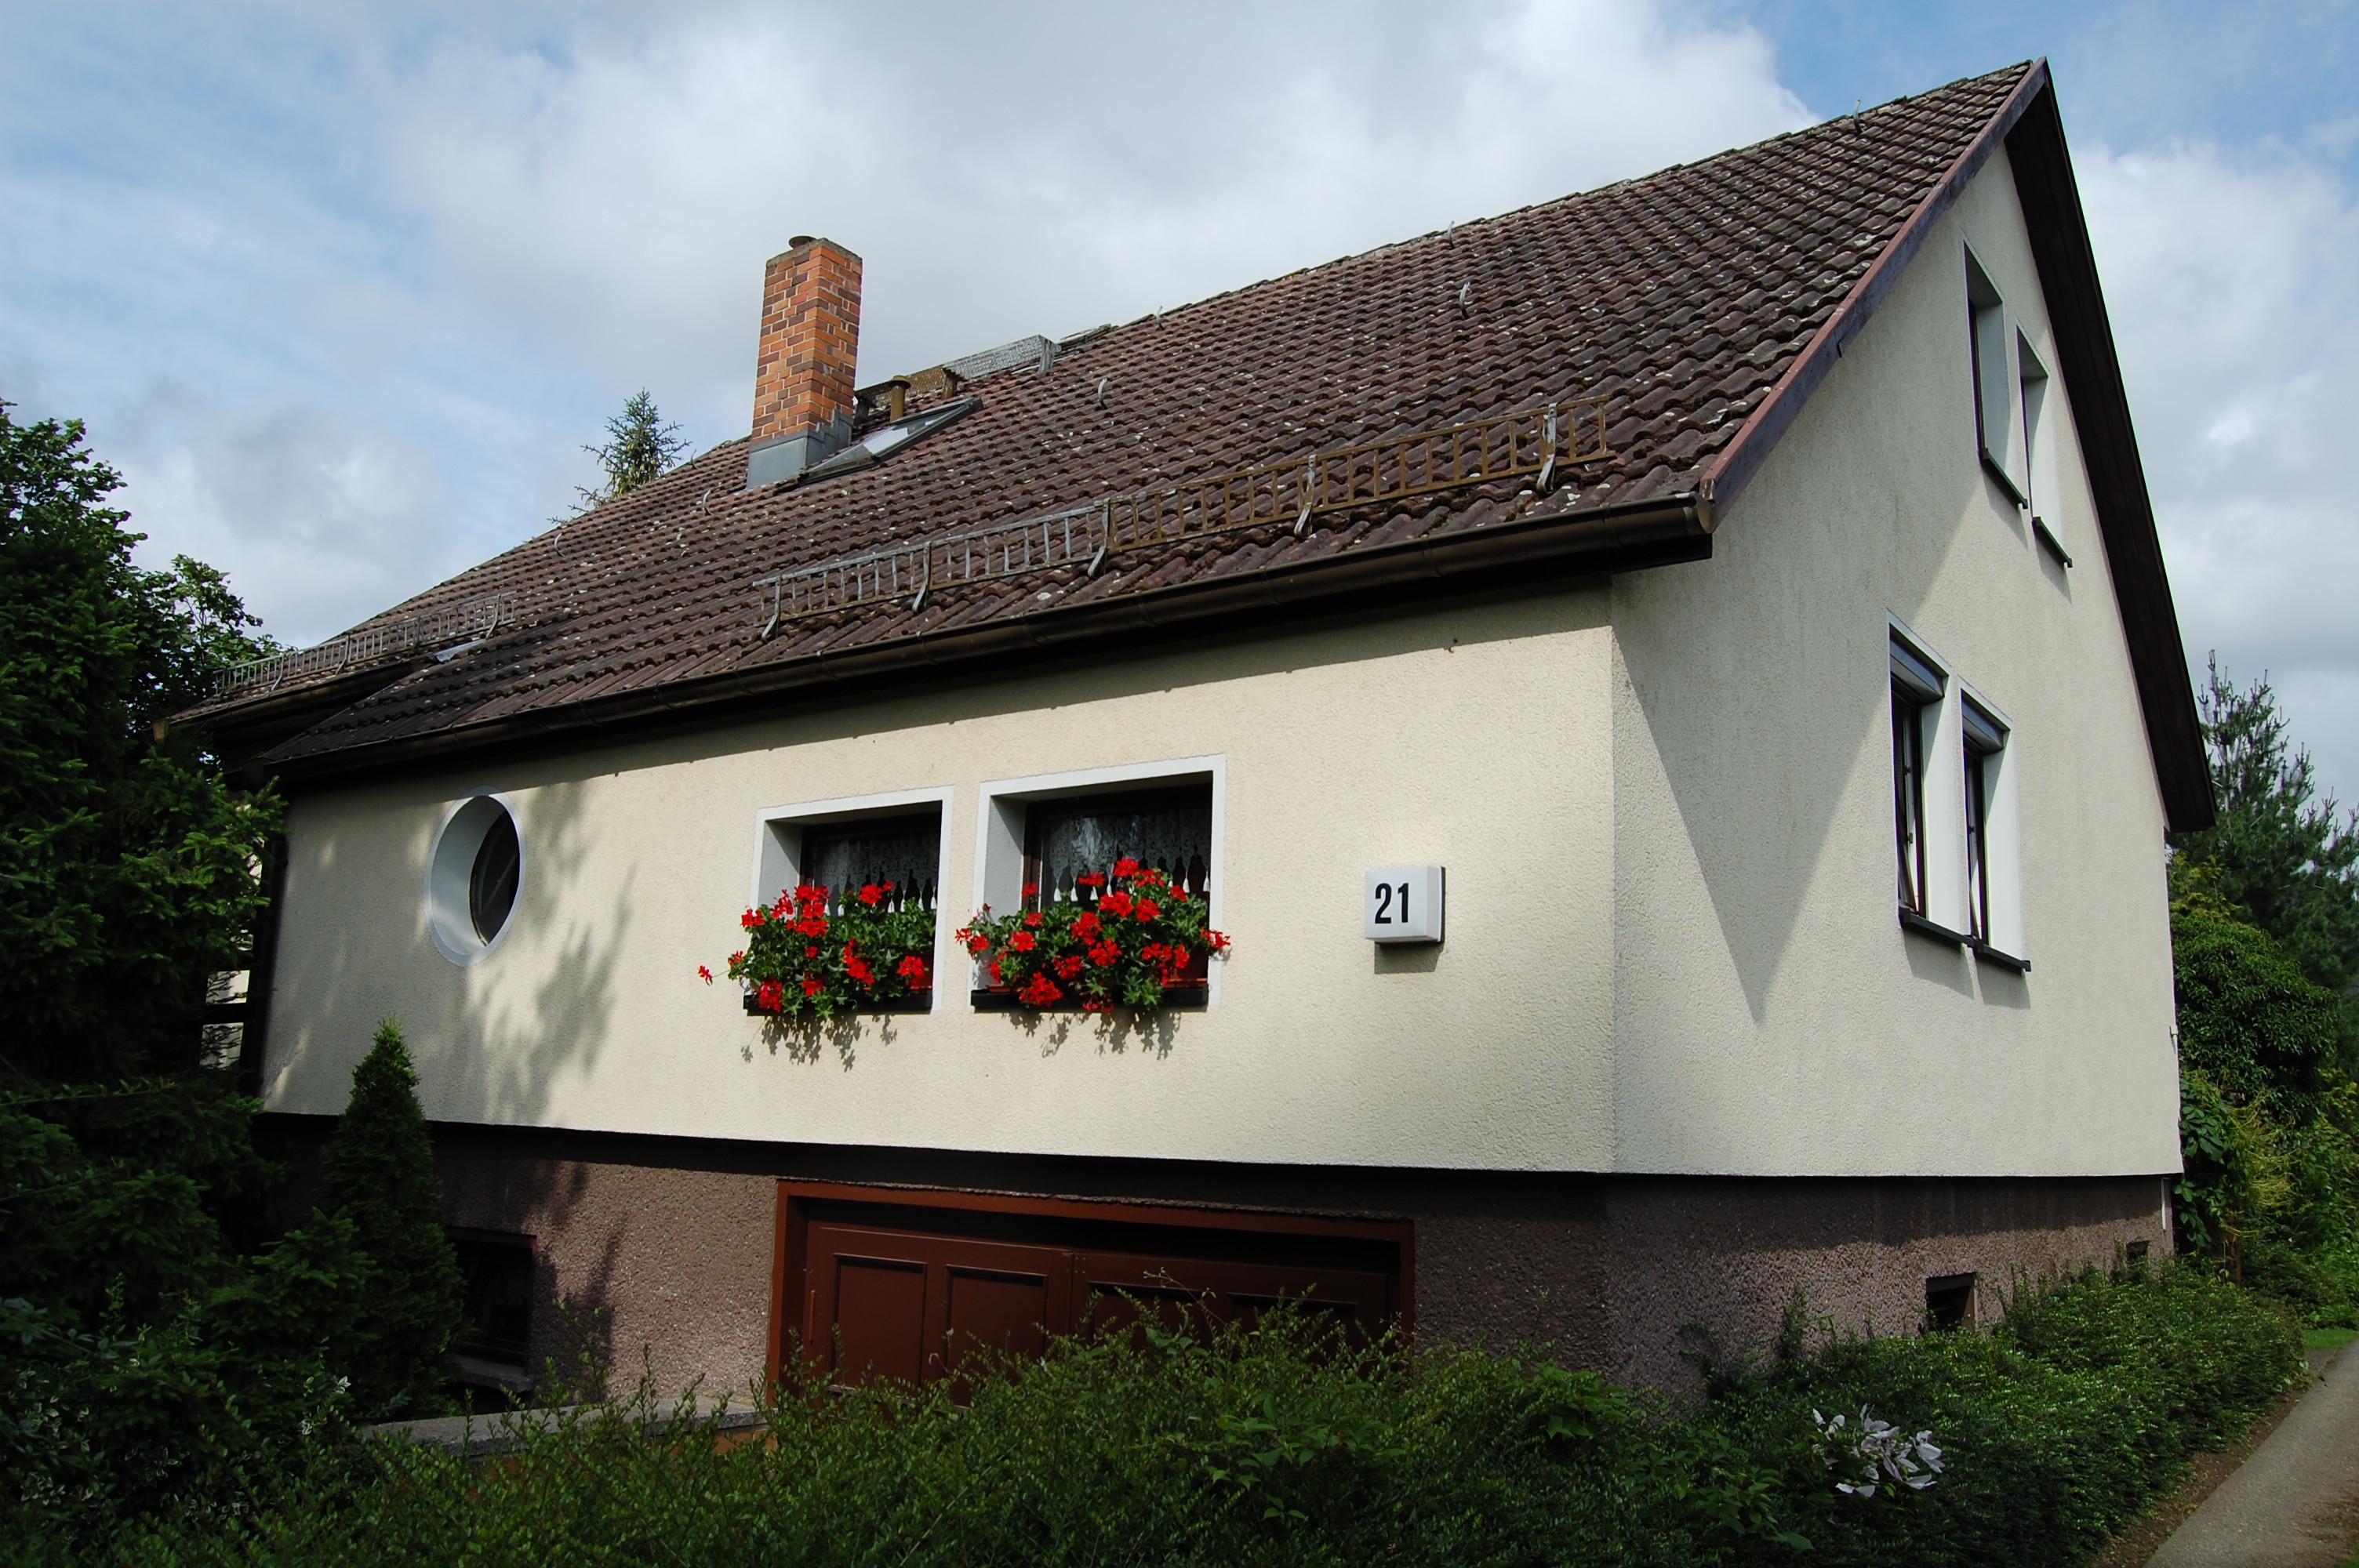 Verkauf Einfamilienhaus in Berlin Marzahn